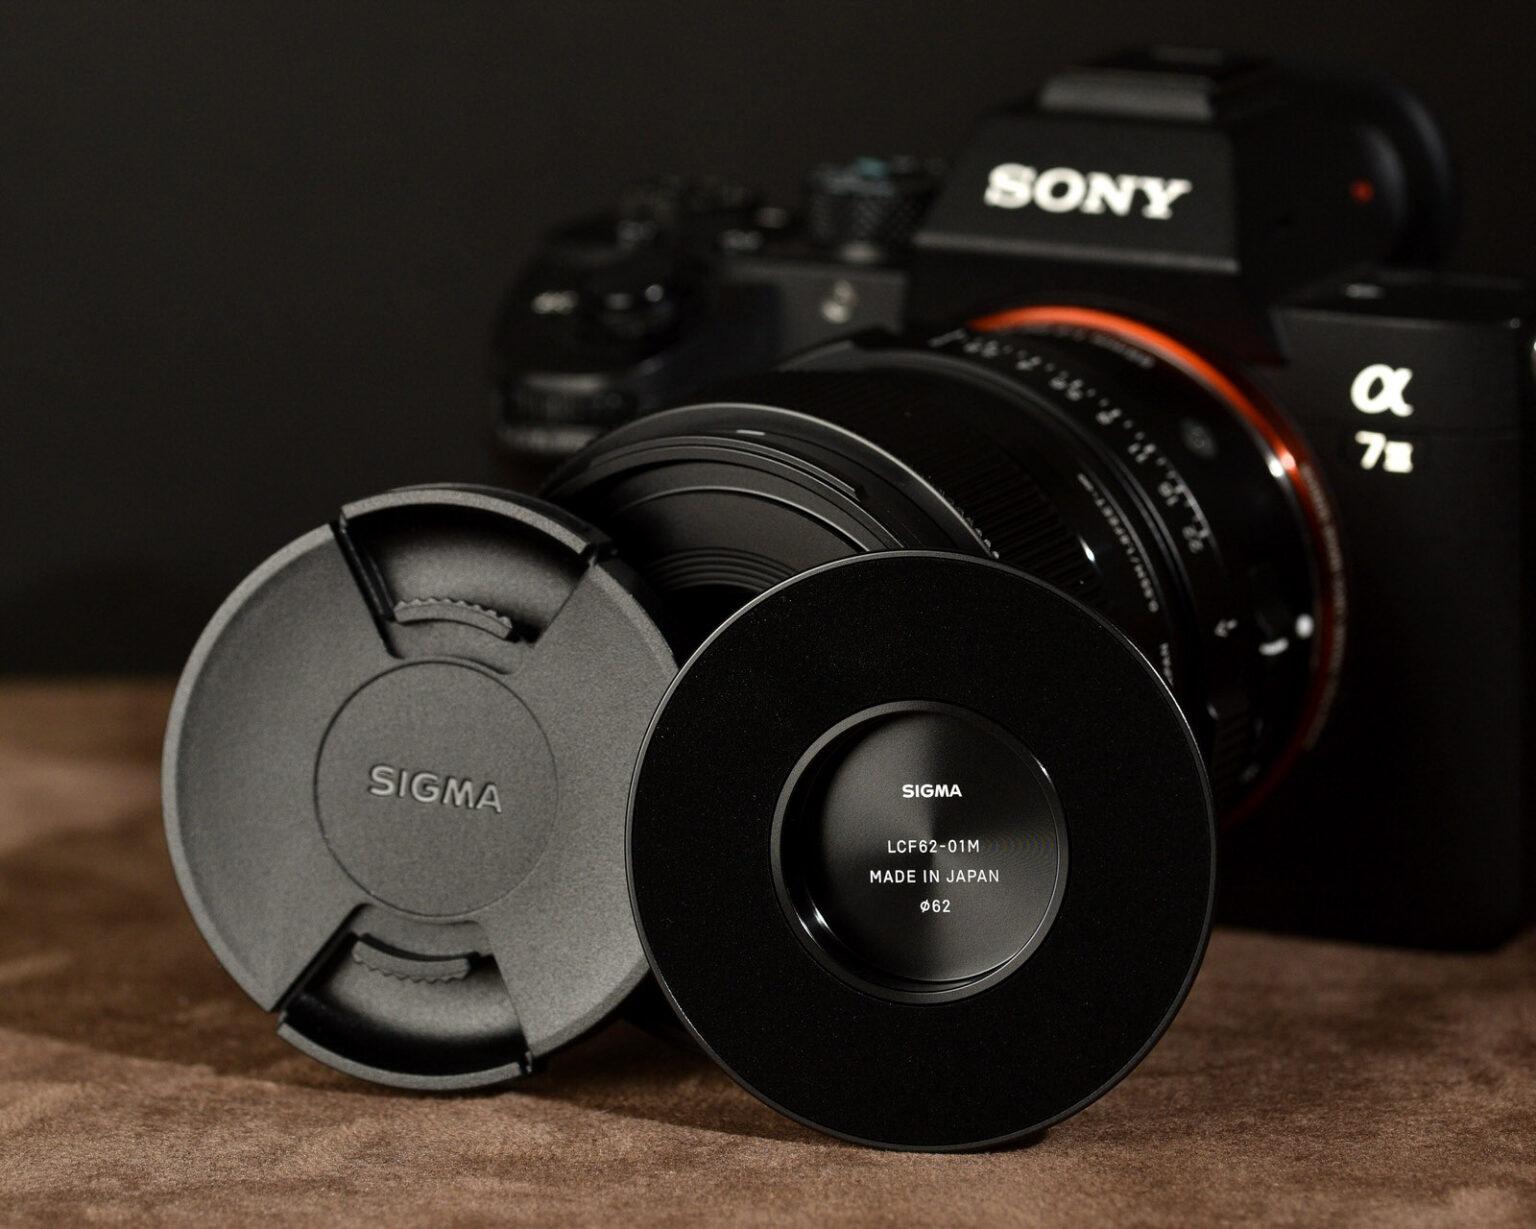 Nya objektiv: Sigma 24 mm f/2 DG DN C och 90 mm f/2,8 DG